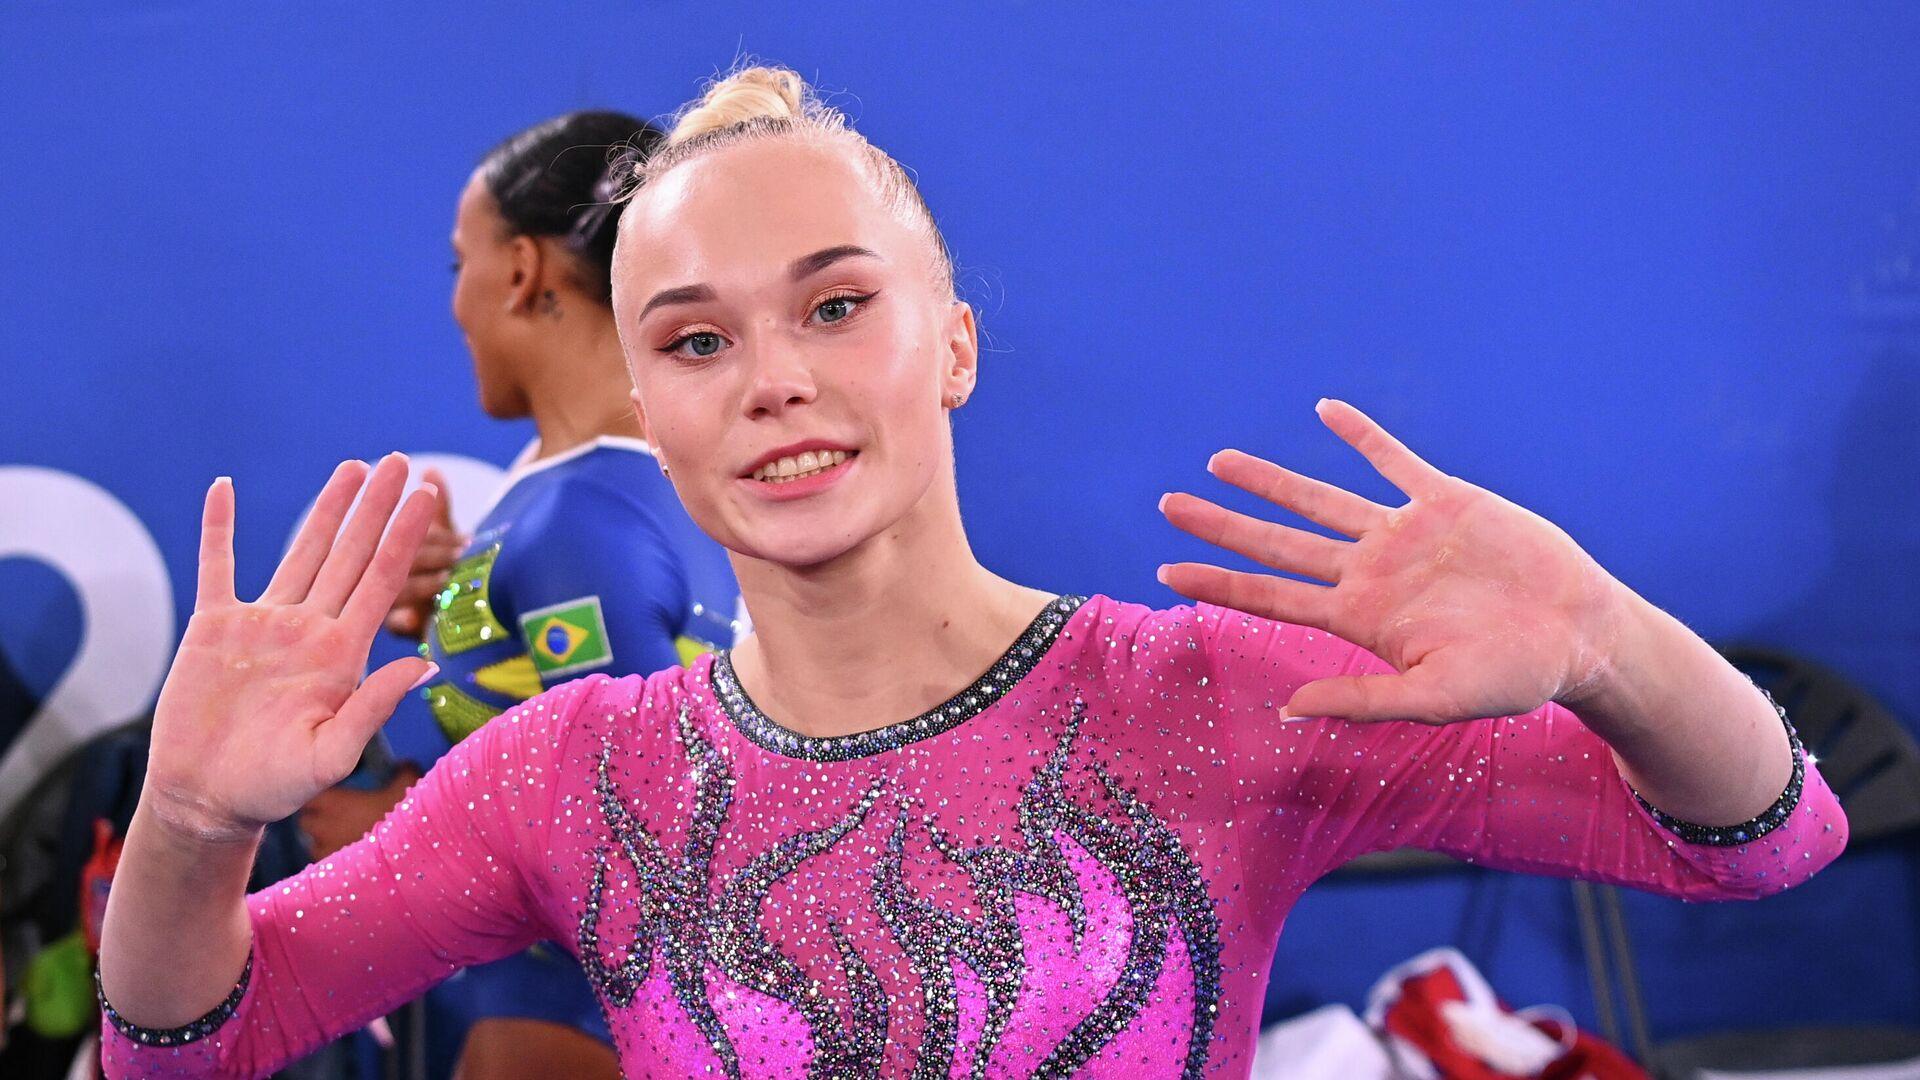 Российская гимнастка Ангелина Мельникова - РИА Новости, 1920, 29.07.2021